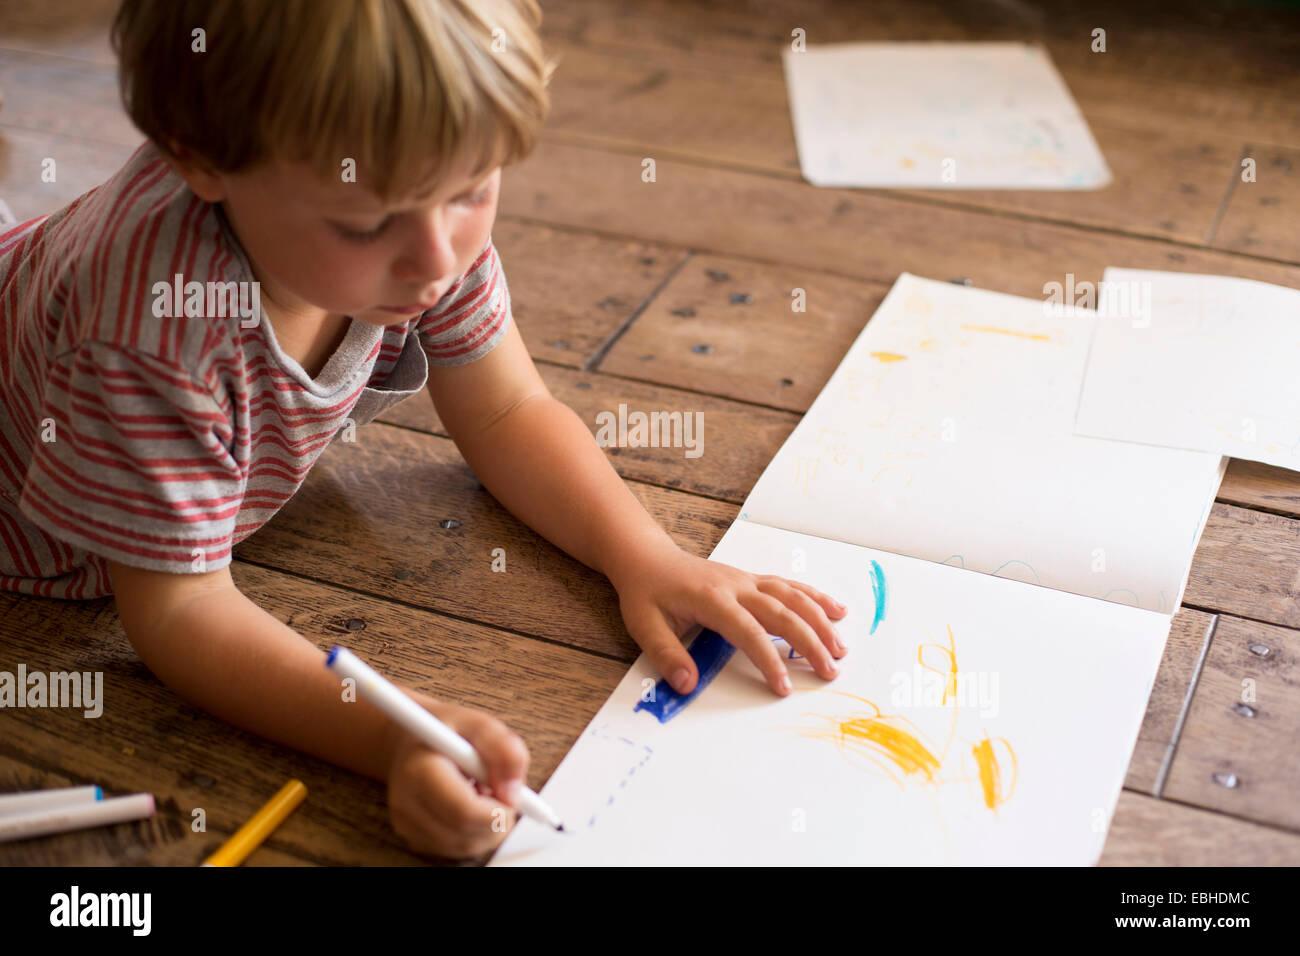 Junge, Zeichnung auf Papier Stockbild